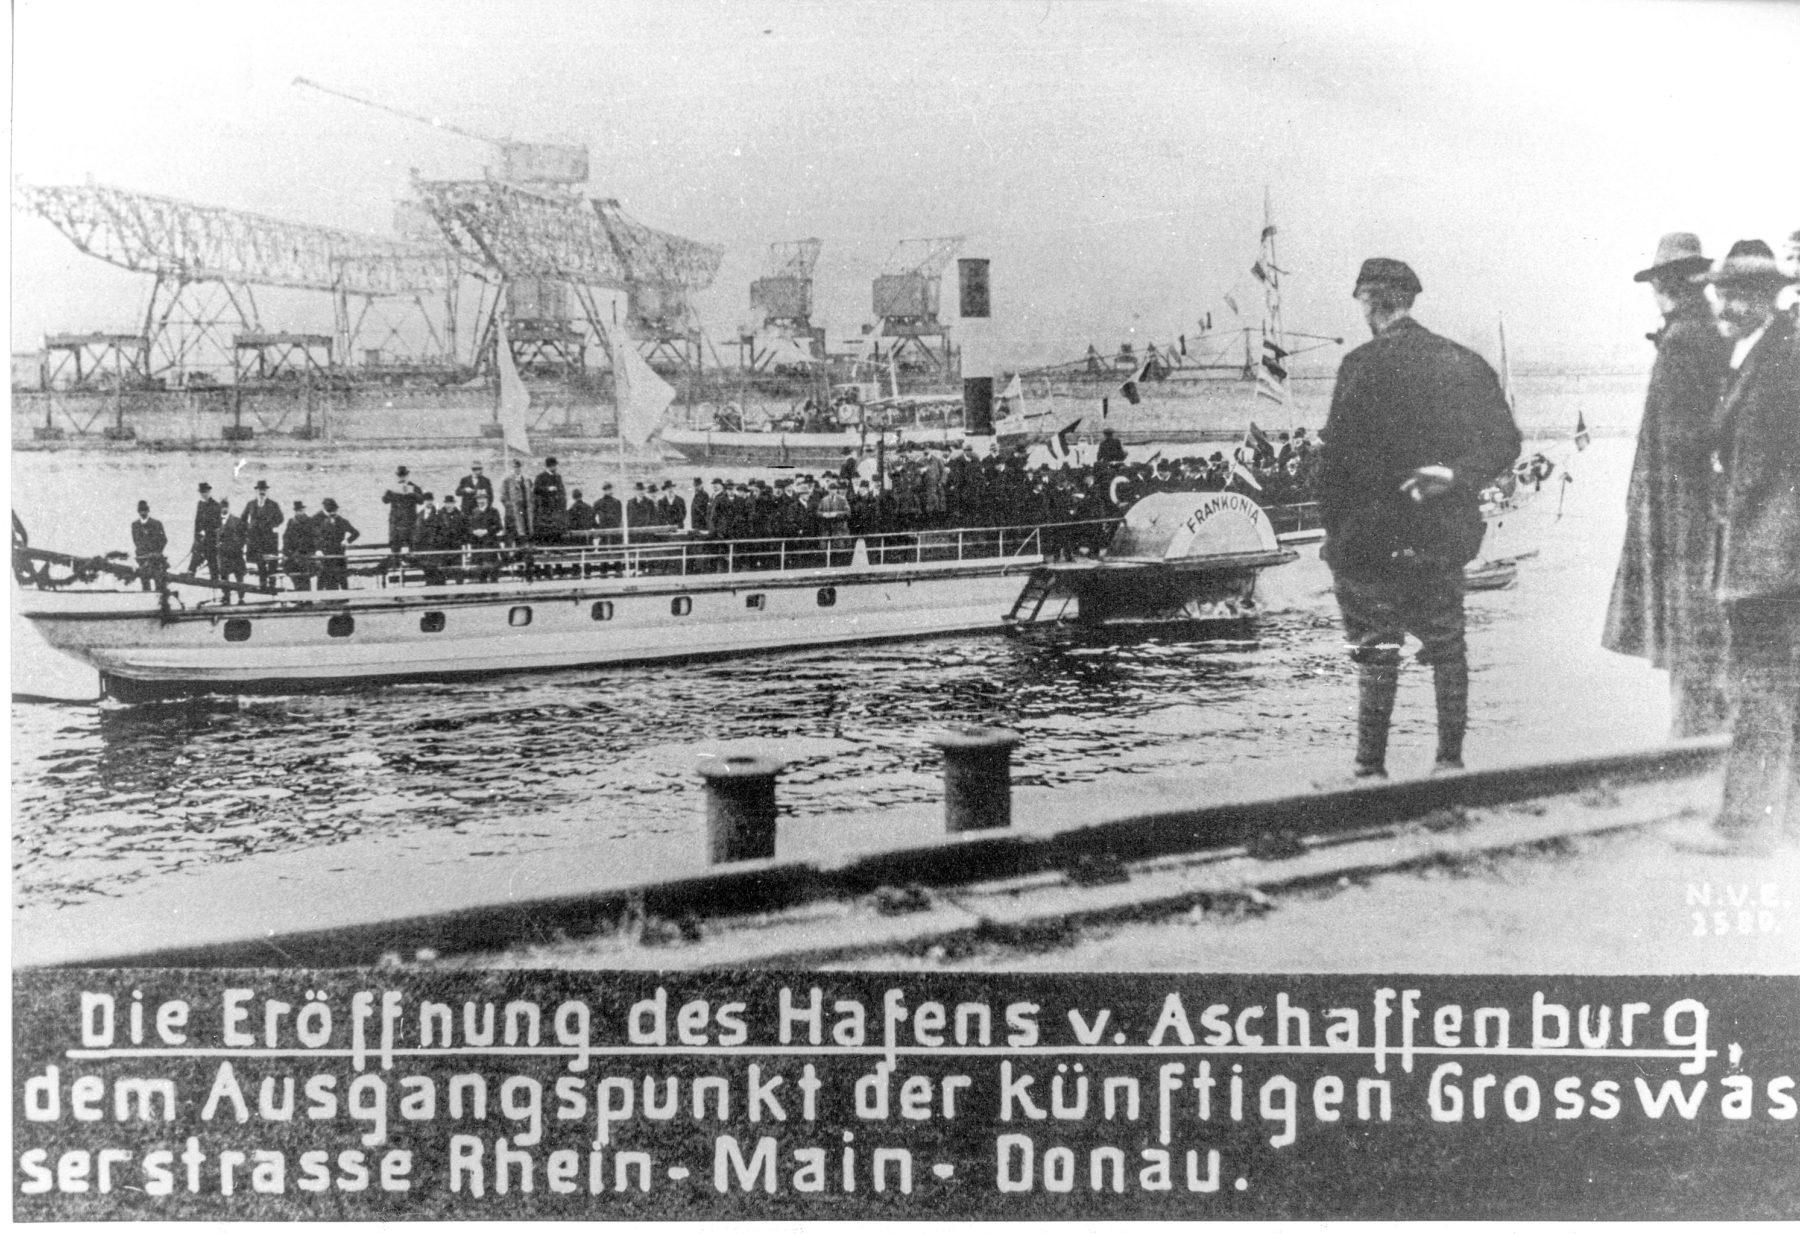 Historisches Foto Eröffnung des Hafens Aschaffenburg (schwarz-weiß)